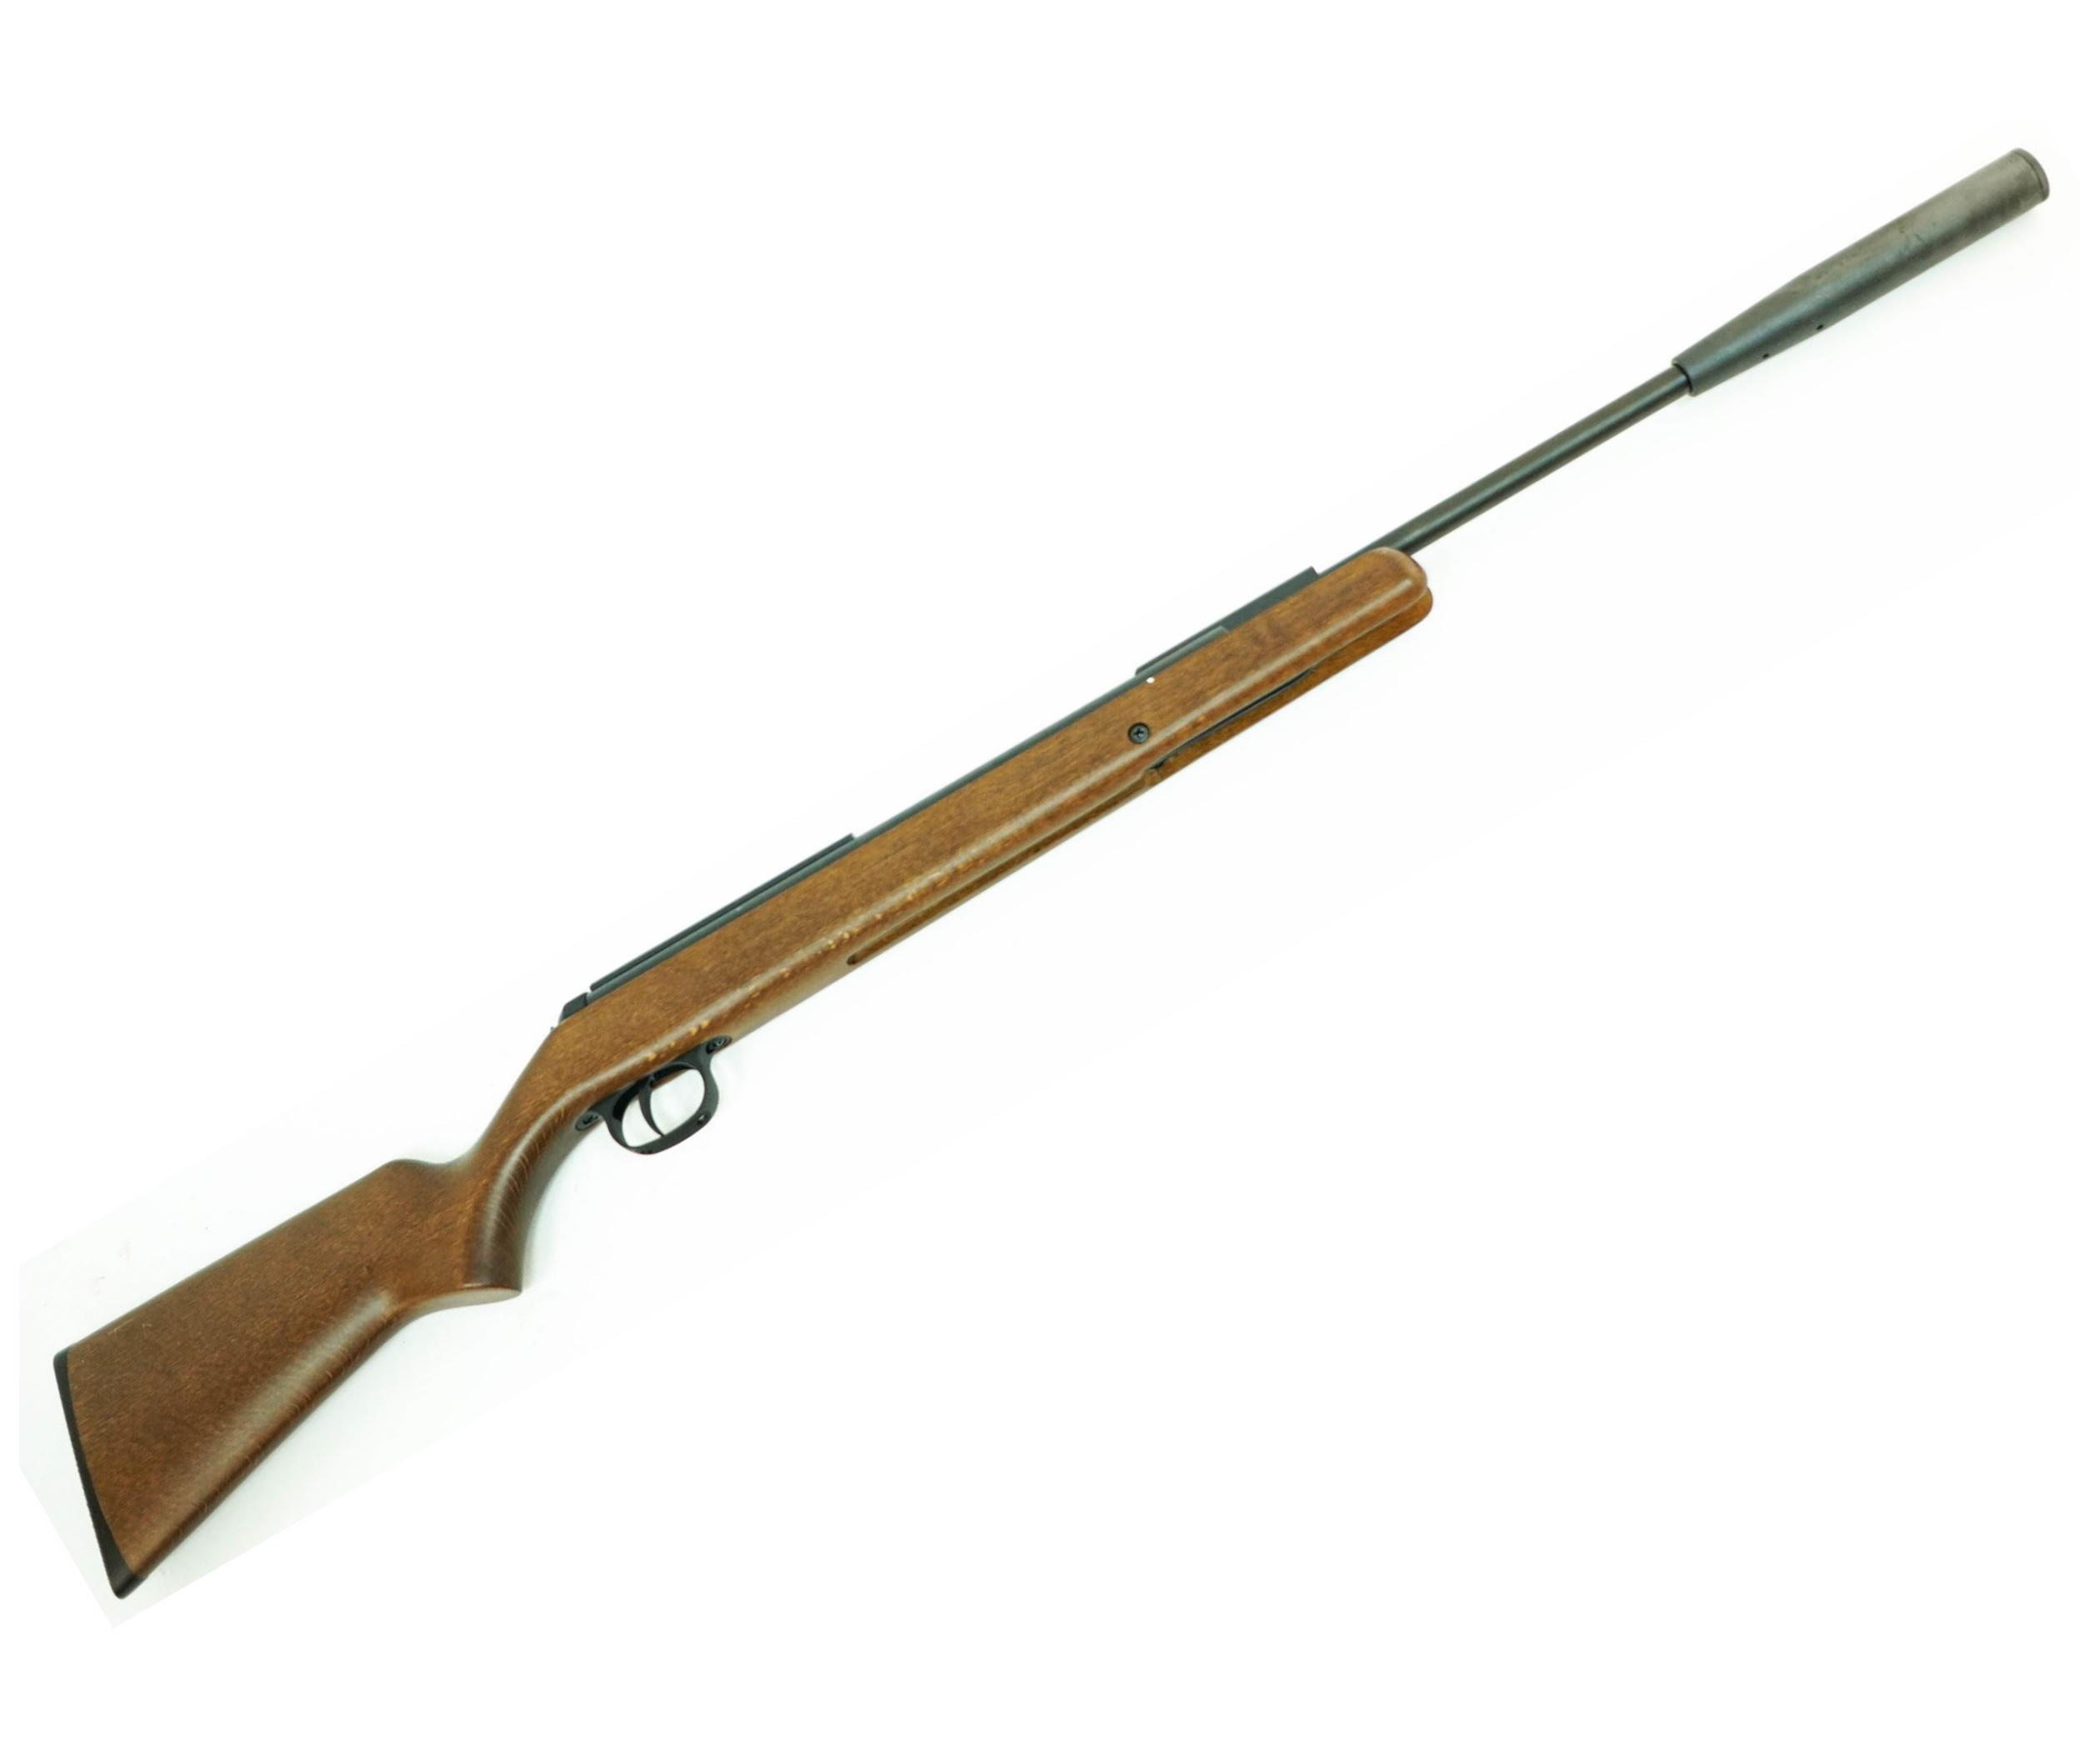 |Уценка| Пневматическая винтовка Diana 34 F Classic Professional (№ 13400330-66-уц)